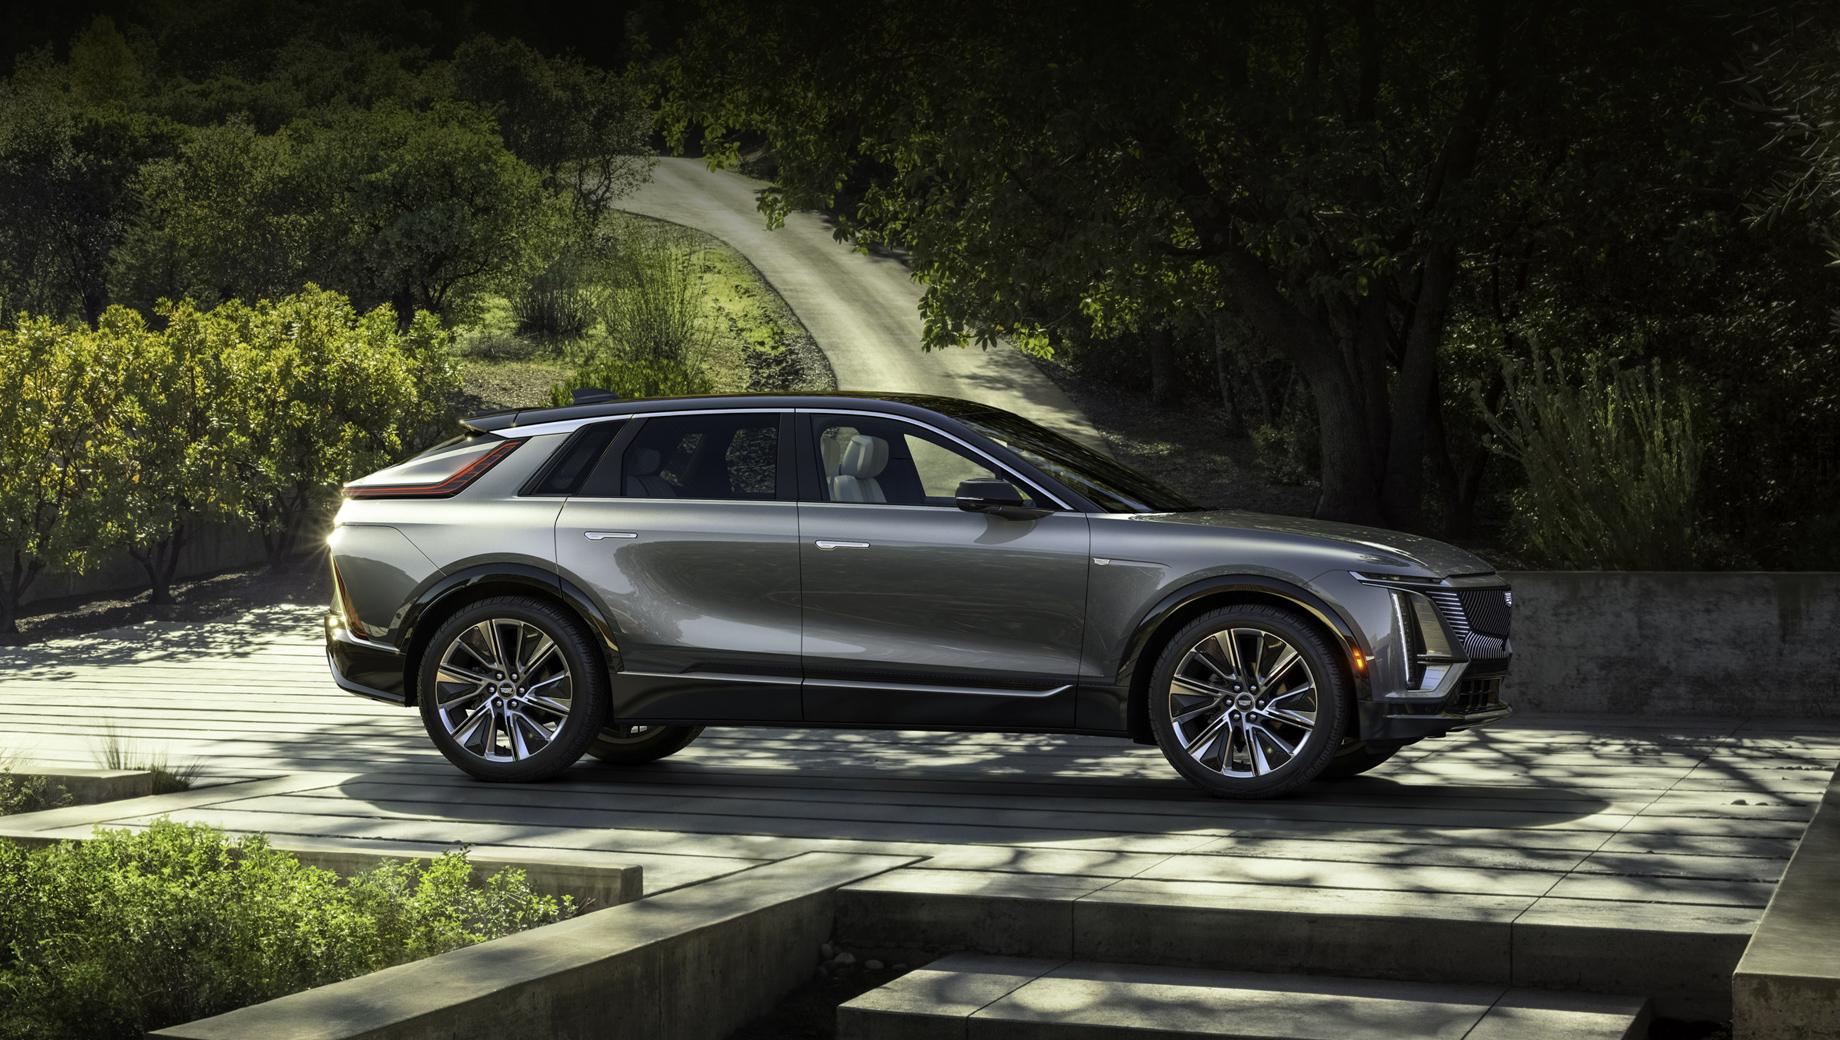 Chevrolet silverado. На пути к углеродной нейтральности (к 2040-му) всего концерна, включая заводы и продукцию, GM выведет в свет 30 моделей электрокаров к 2025 году. Их ежегодный выпуск должен превышать миллион штук. (На фото — Cadillac Lyriq).